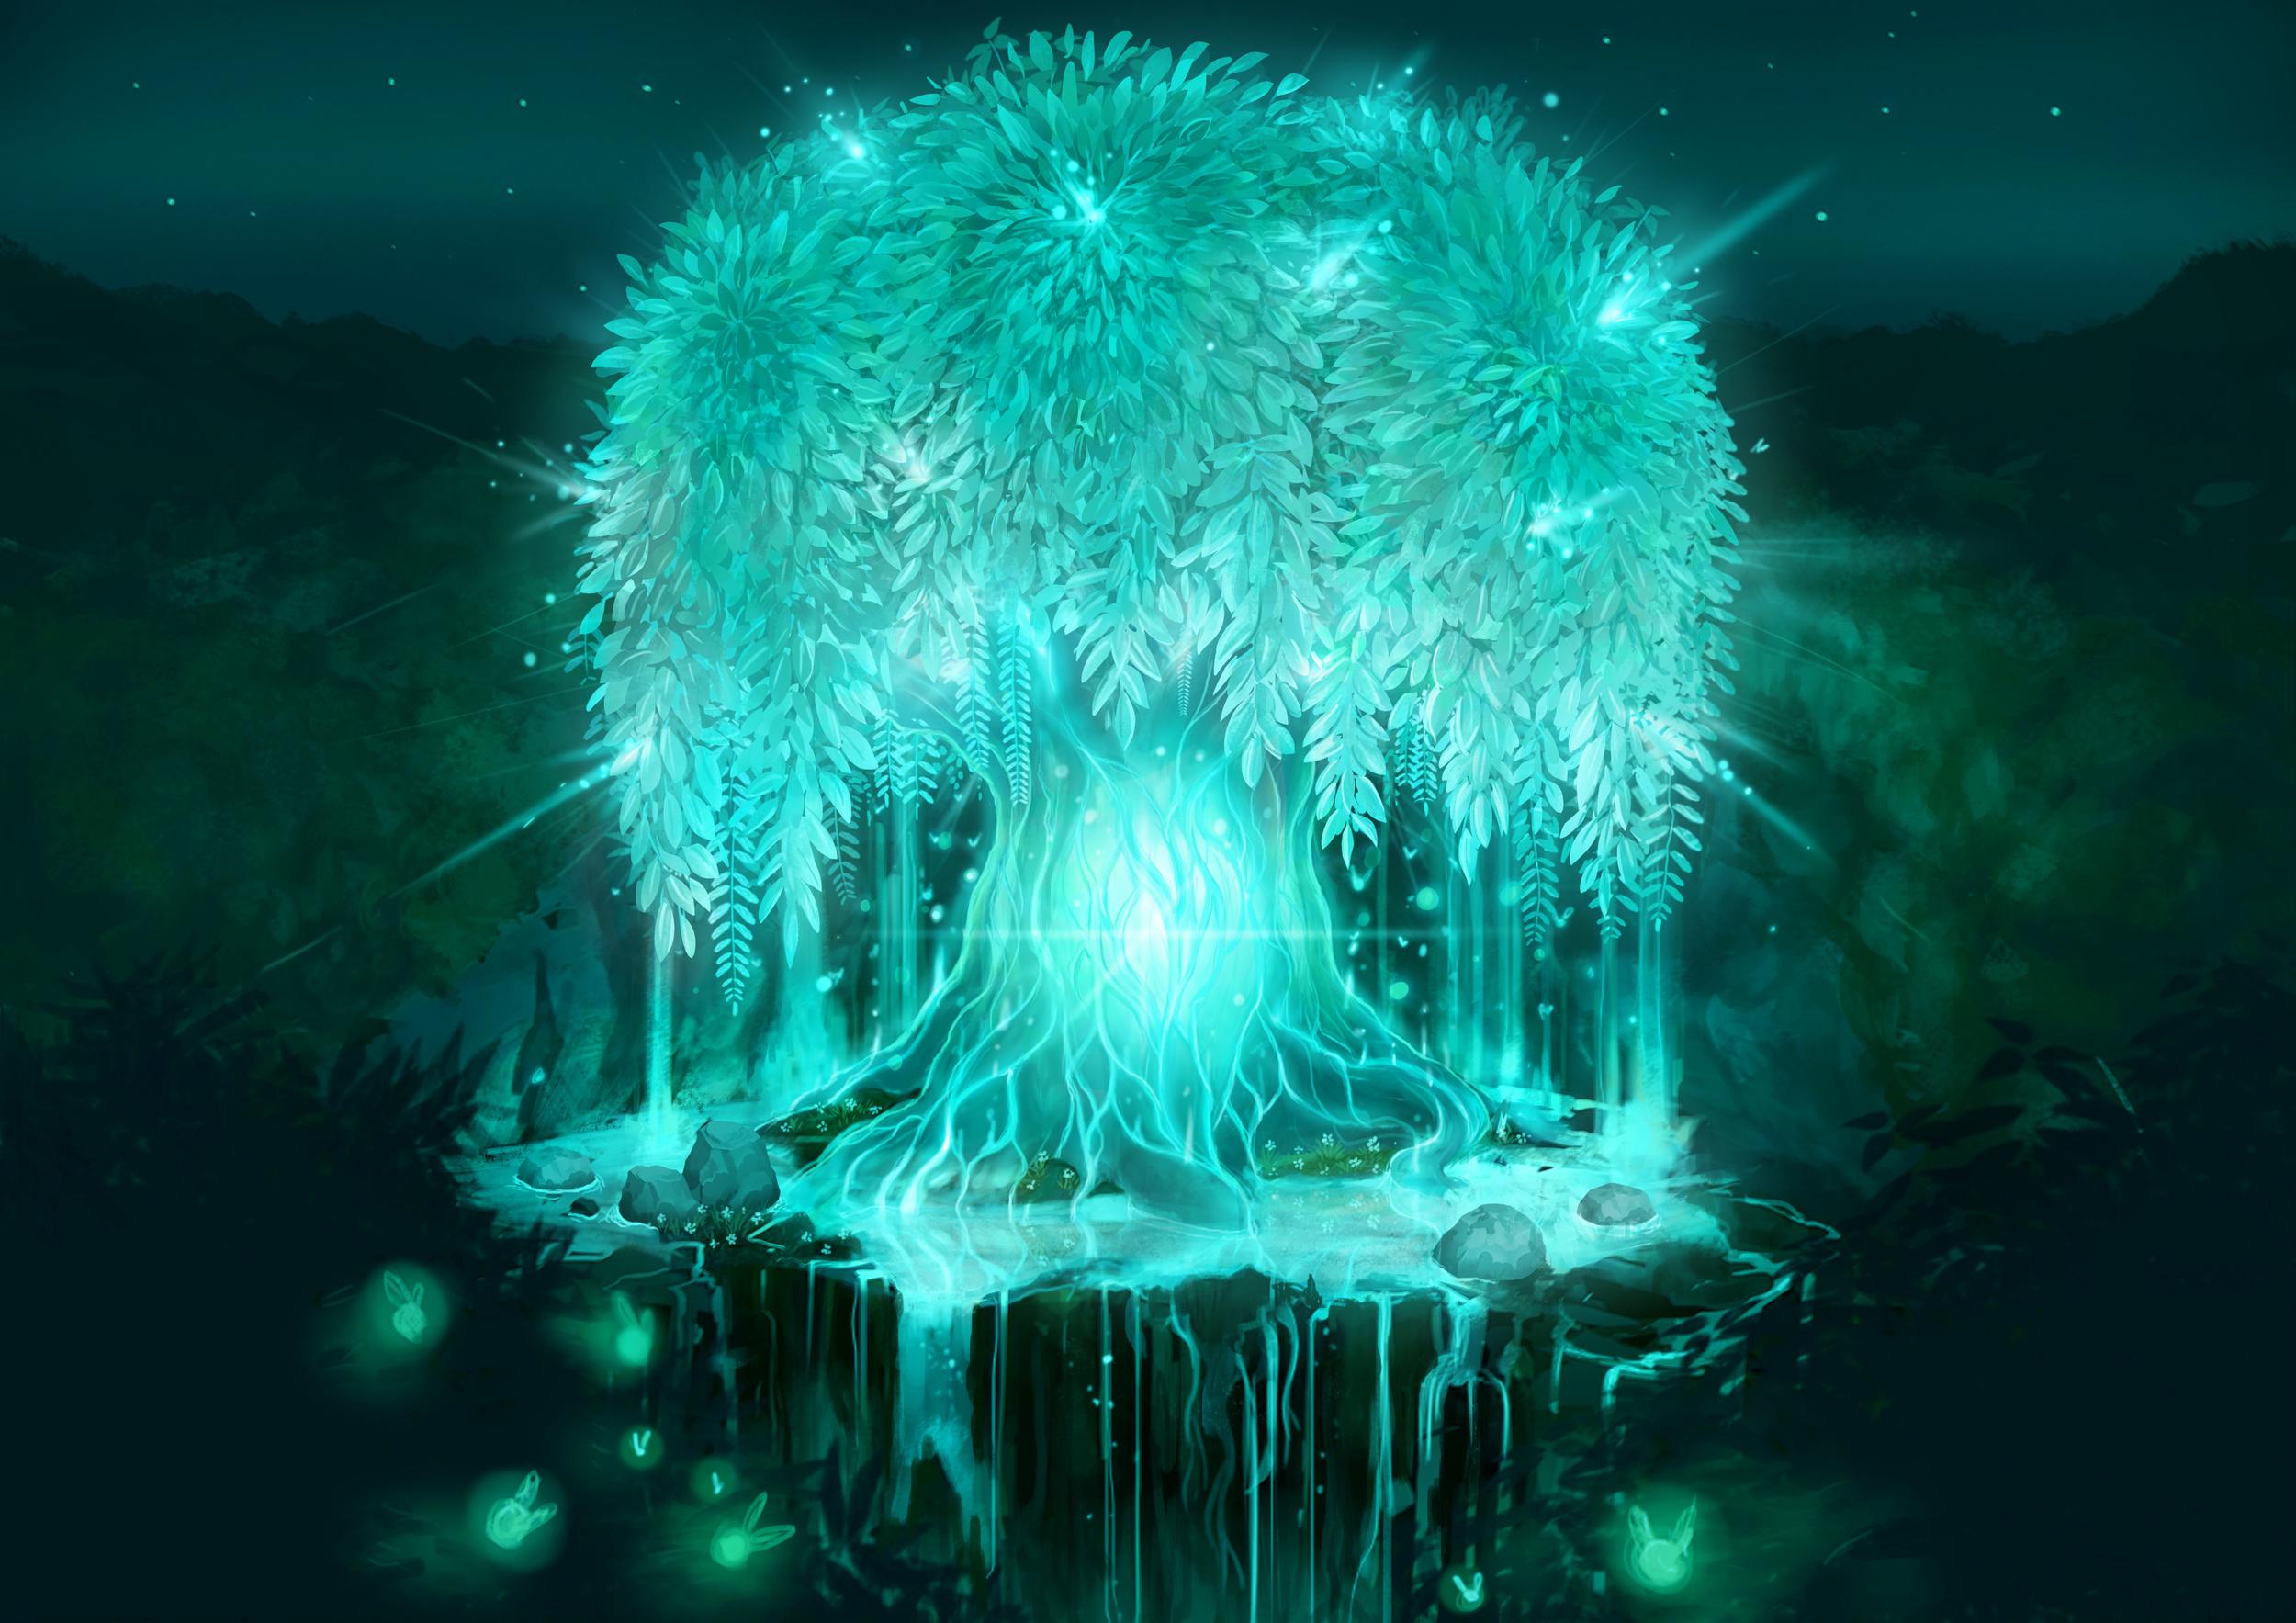 Faeria Tree